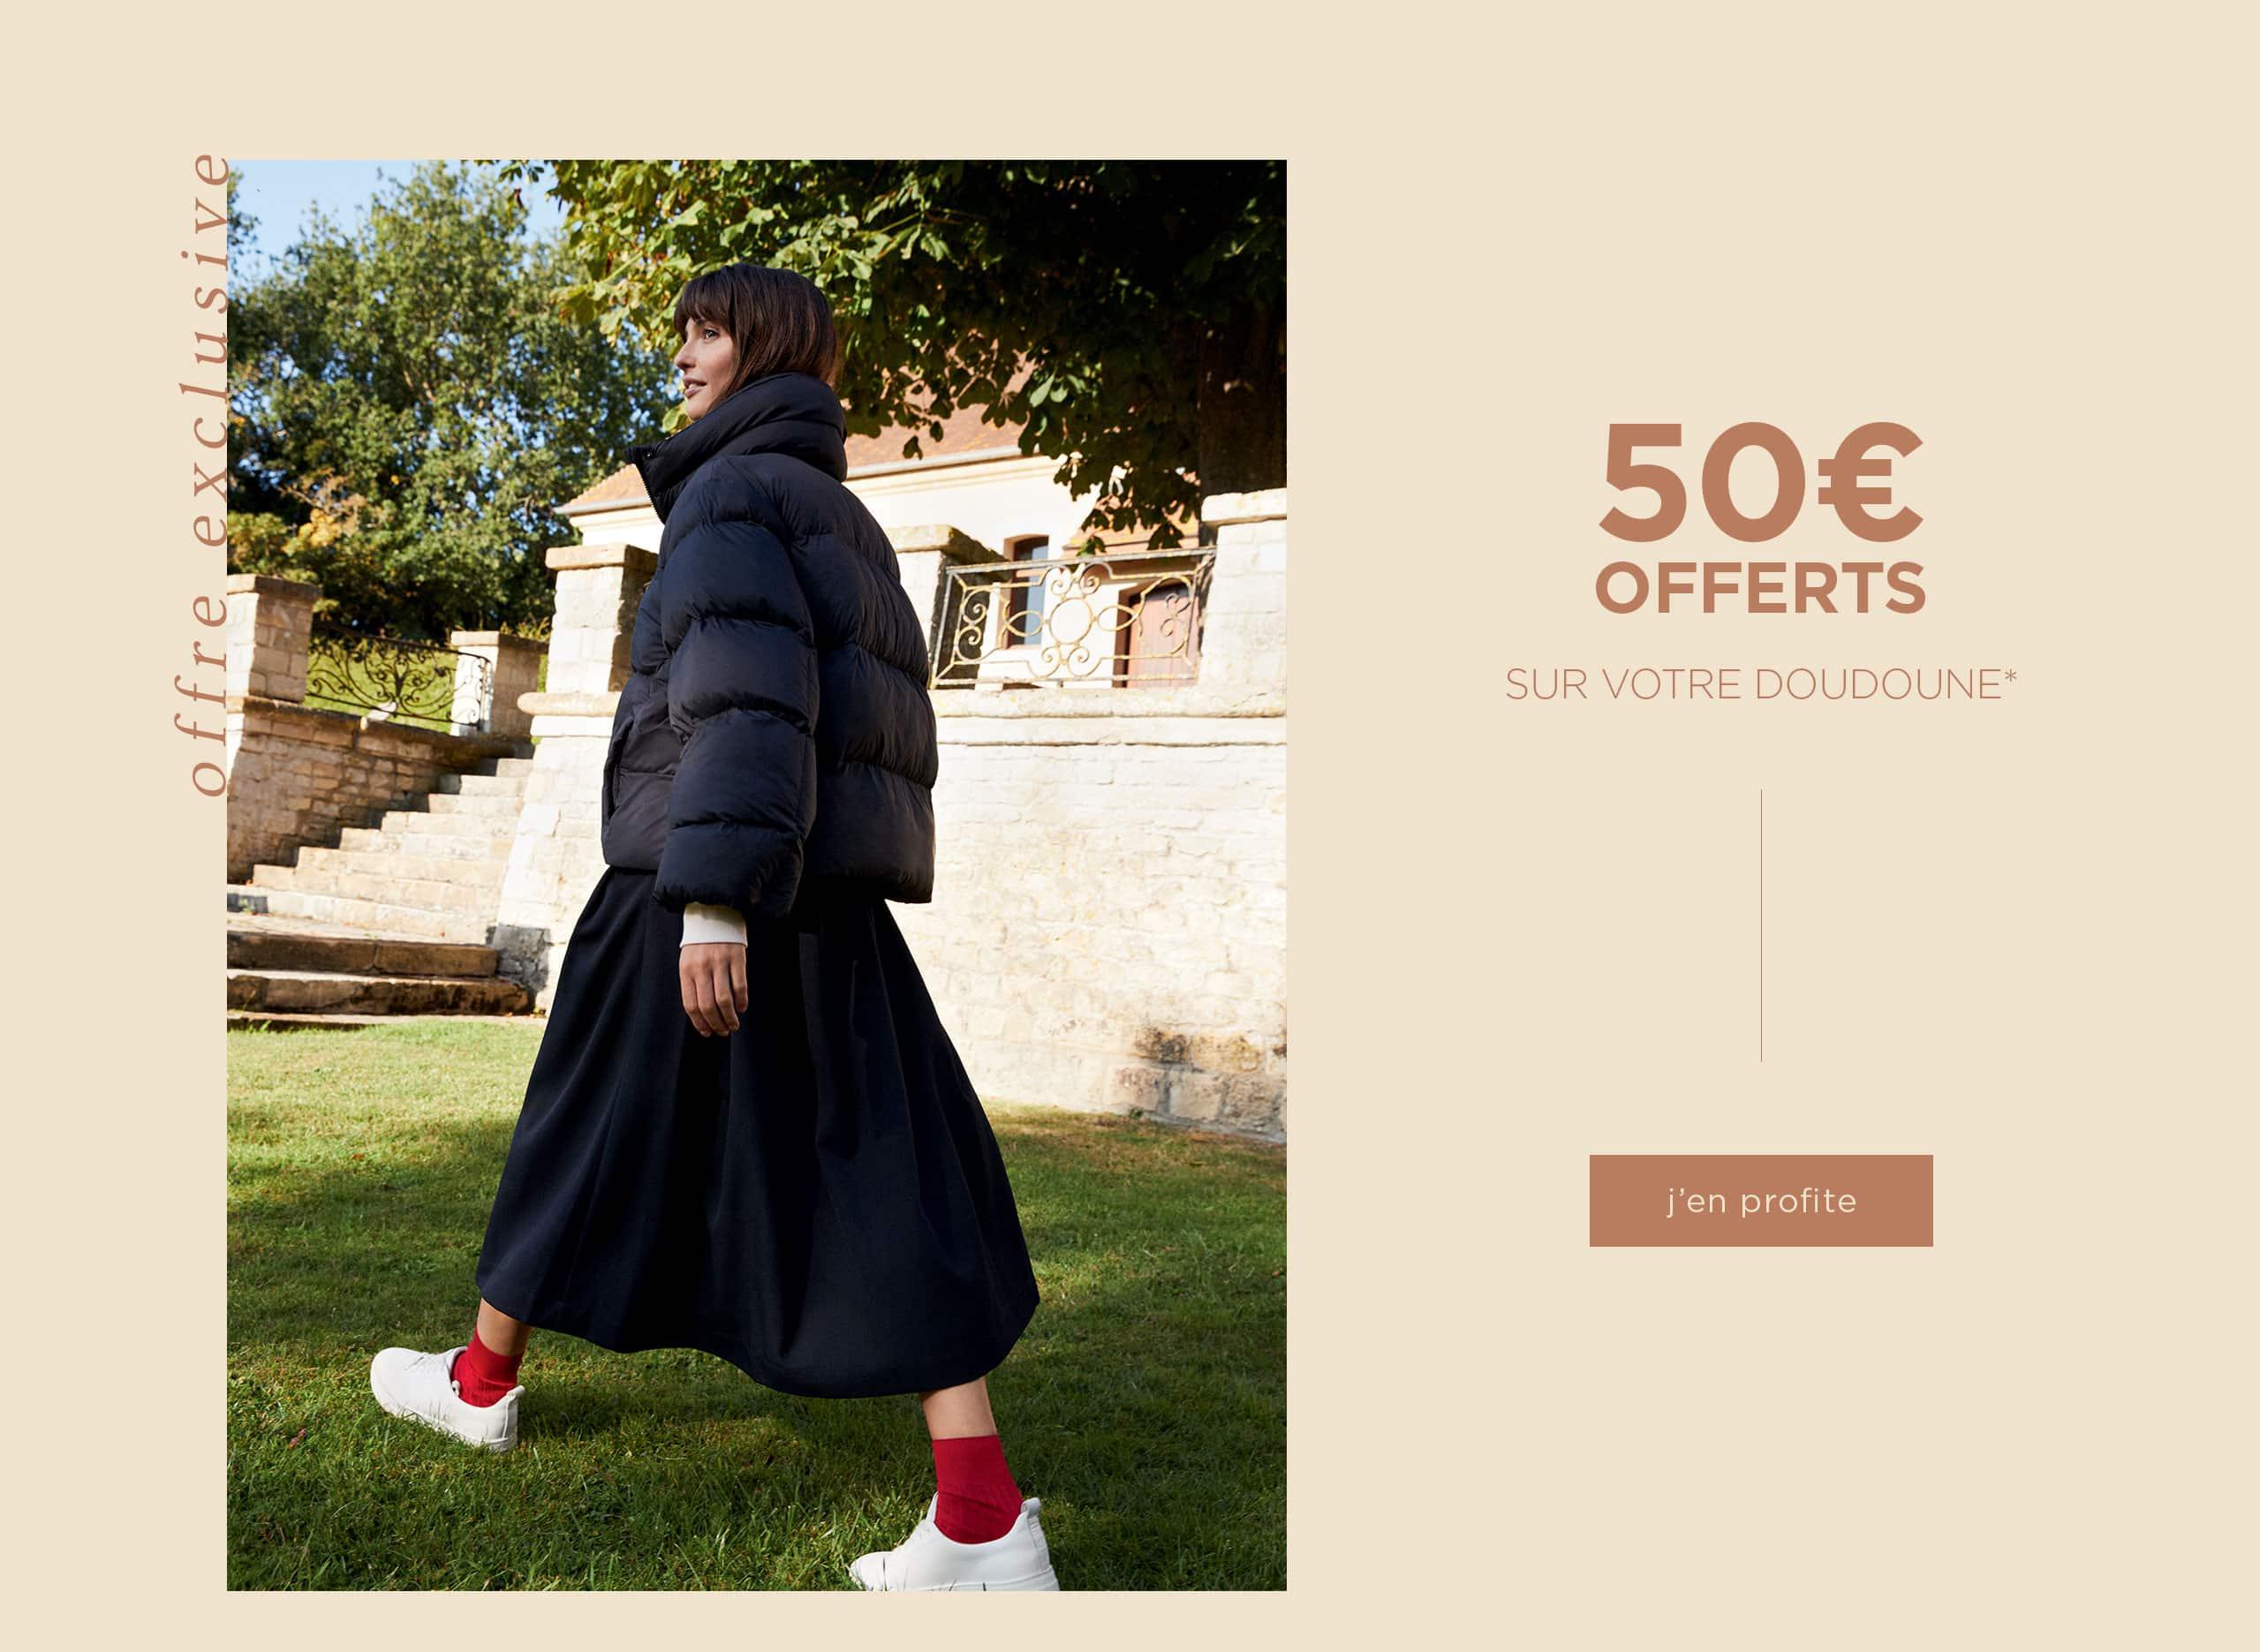 50€ offerts sur votre nouvelle doudoune